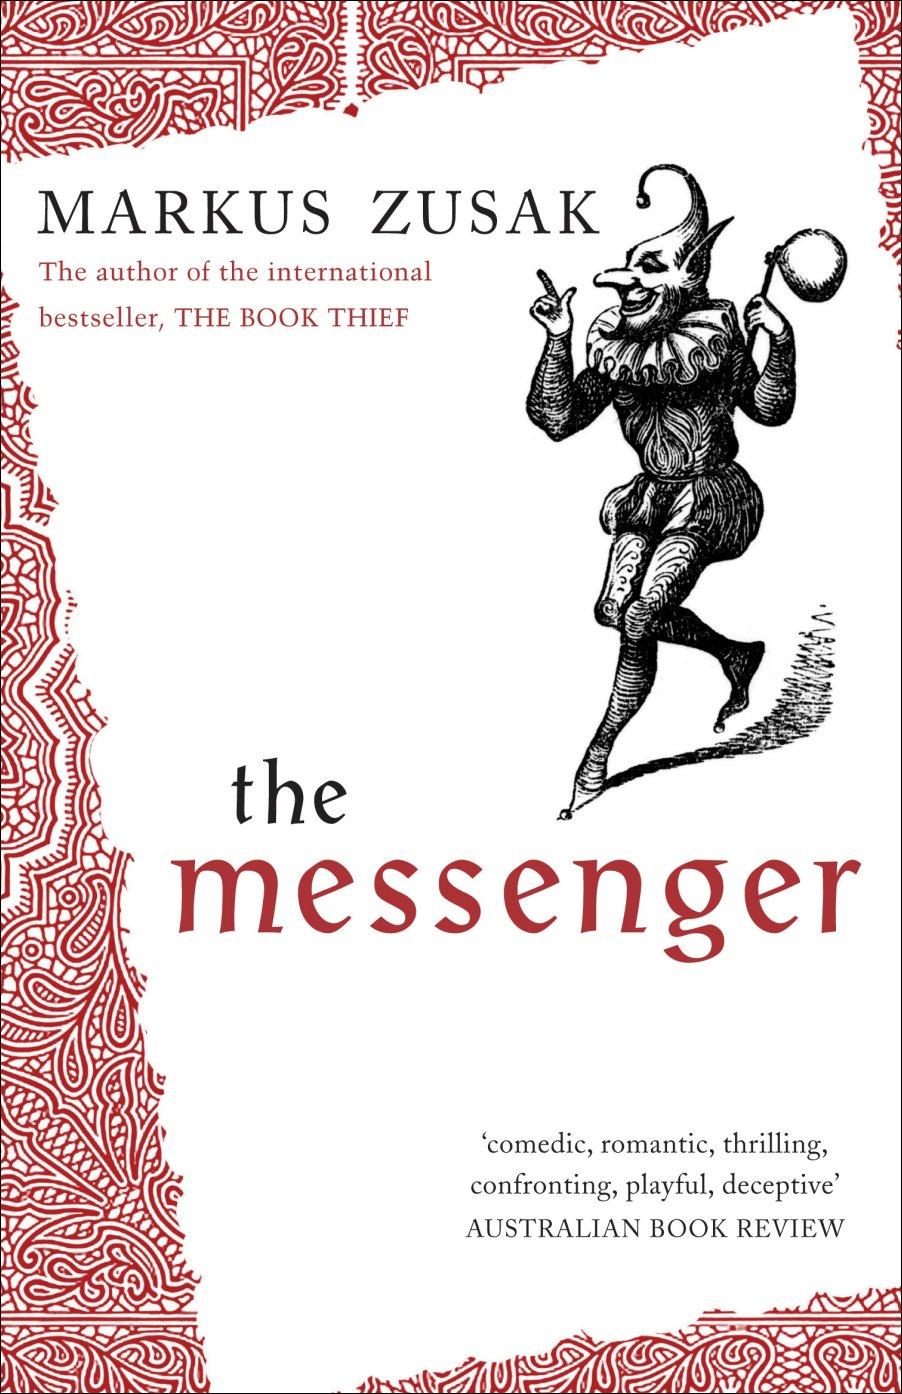 markus zusak essay Best answer: the book thief by markus zusak the book thief was first published in australia in 2005 and in the us in 2006 it's australian author markus zusak's.